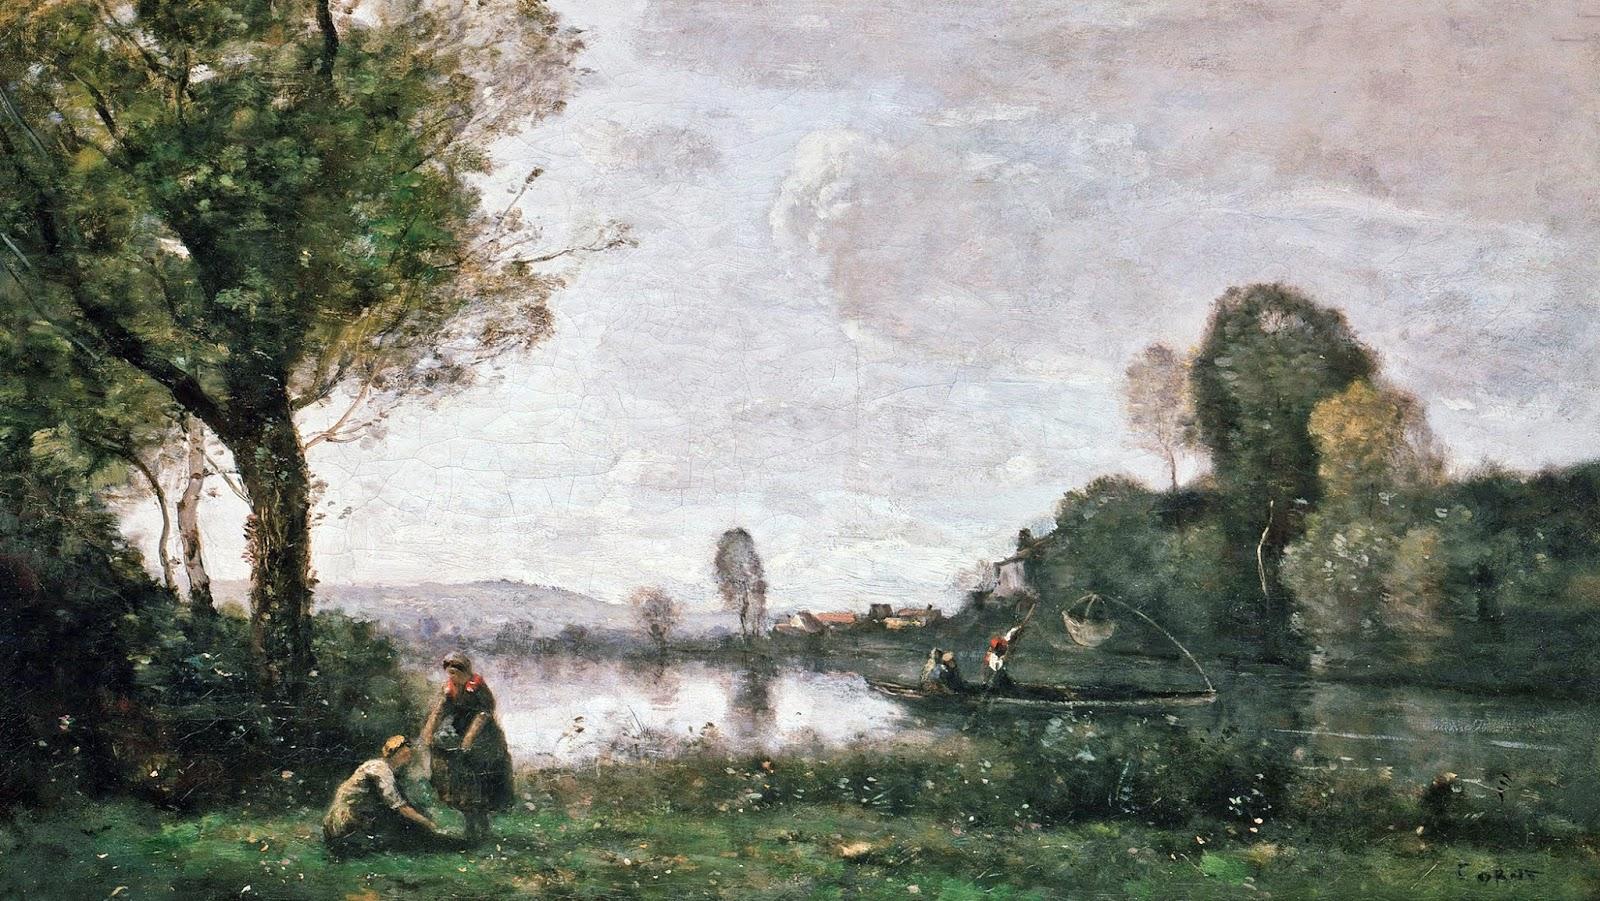 Peinture Française du 19ème Siècle: Jean-Baptiste Camille Corot (1855)